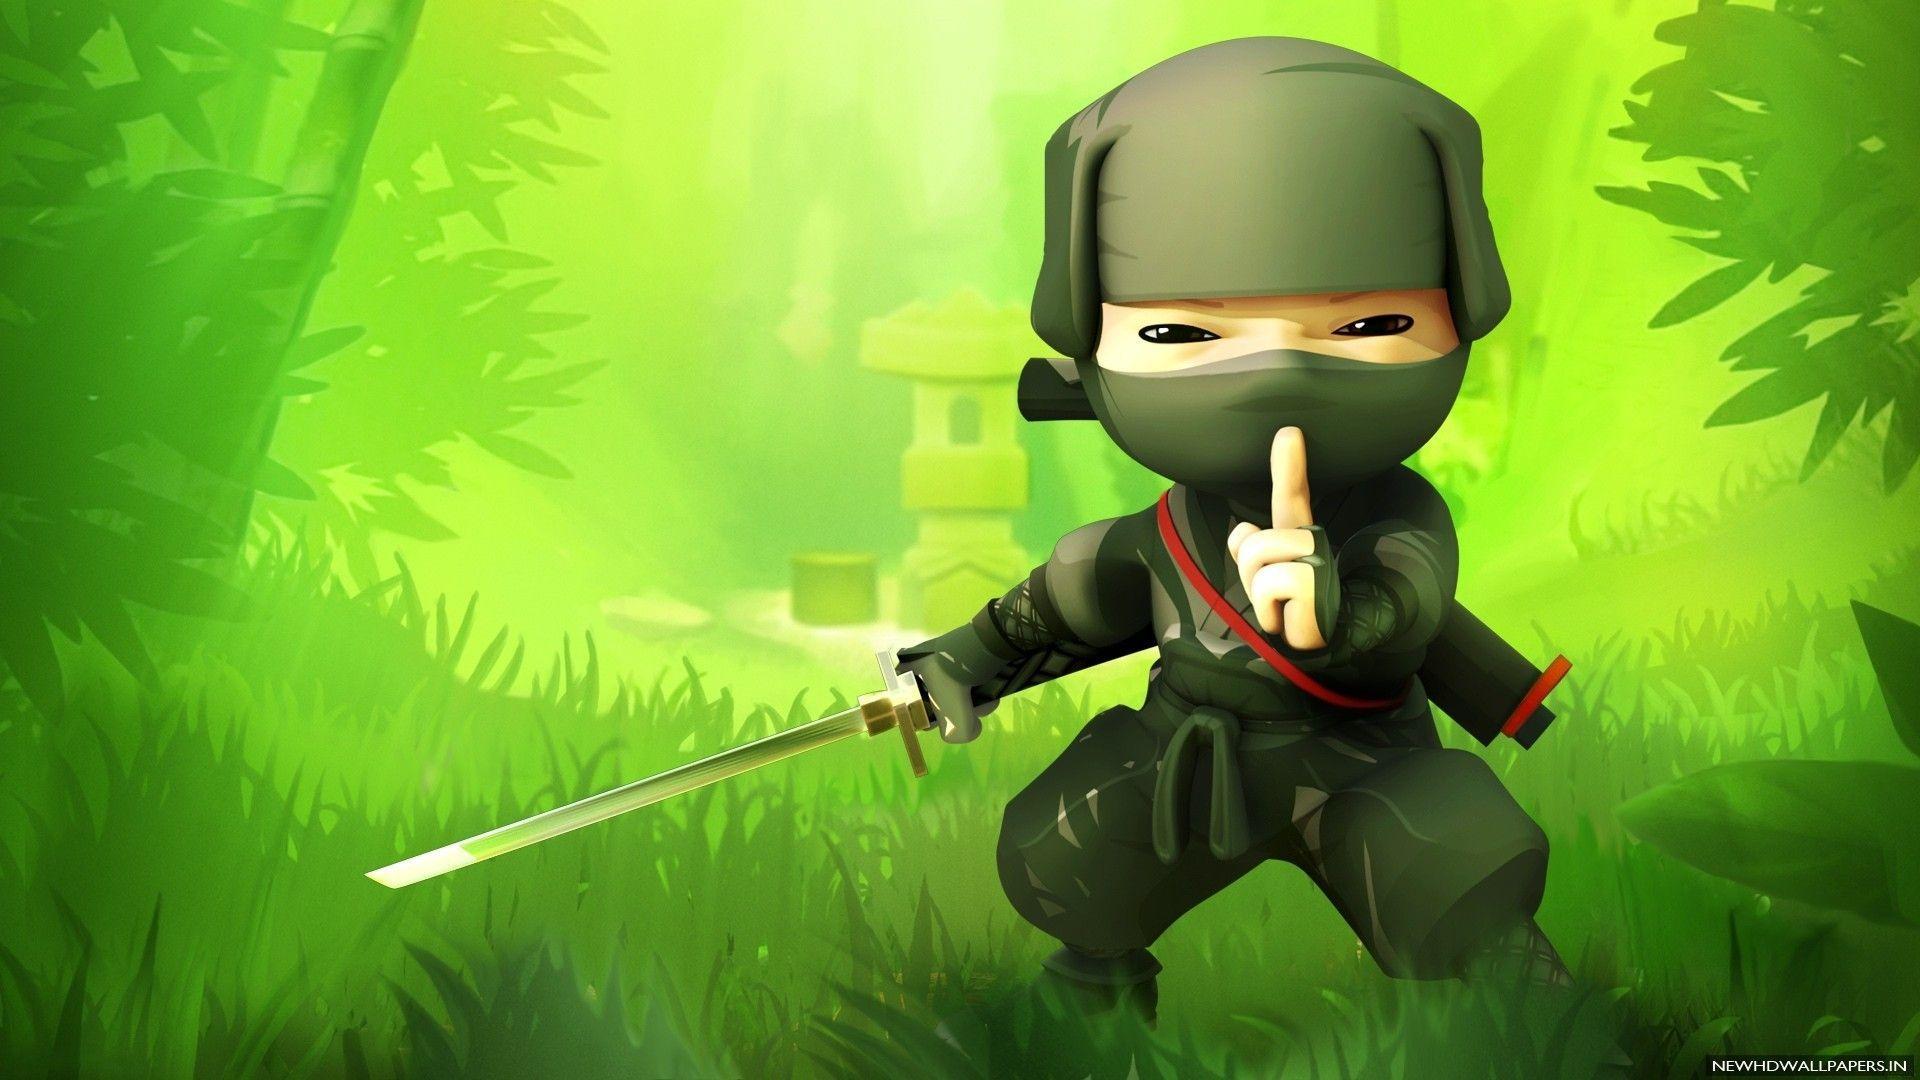 Cute Ninja Wallpapers Top Free Cute Ninja Backgrounds Wallpaperaccess